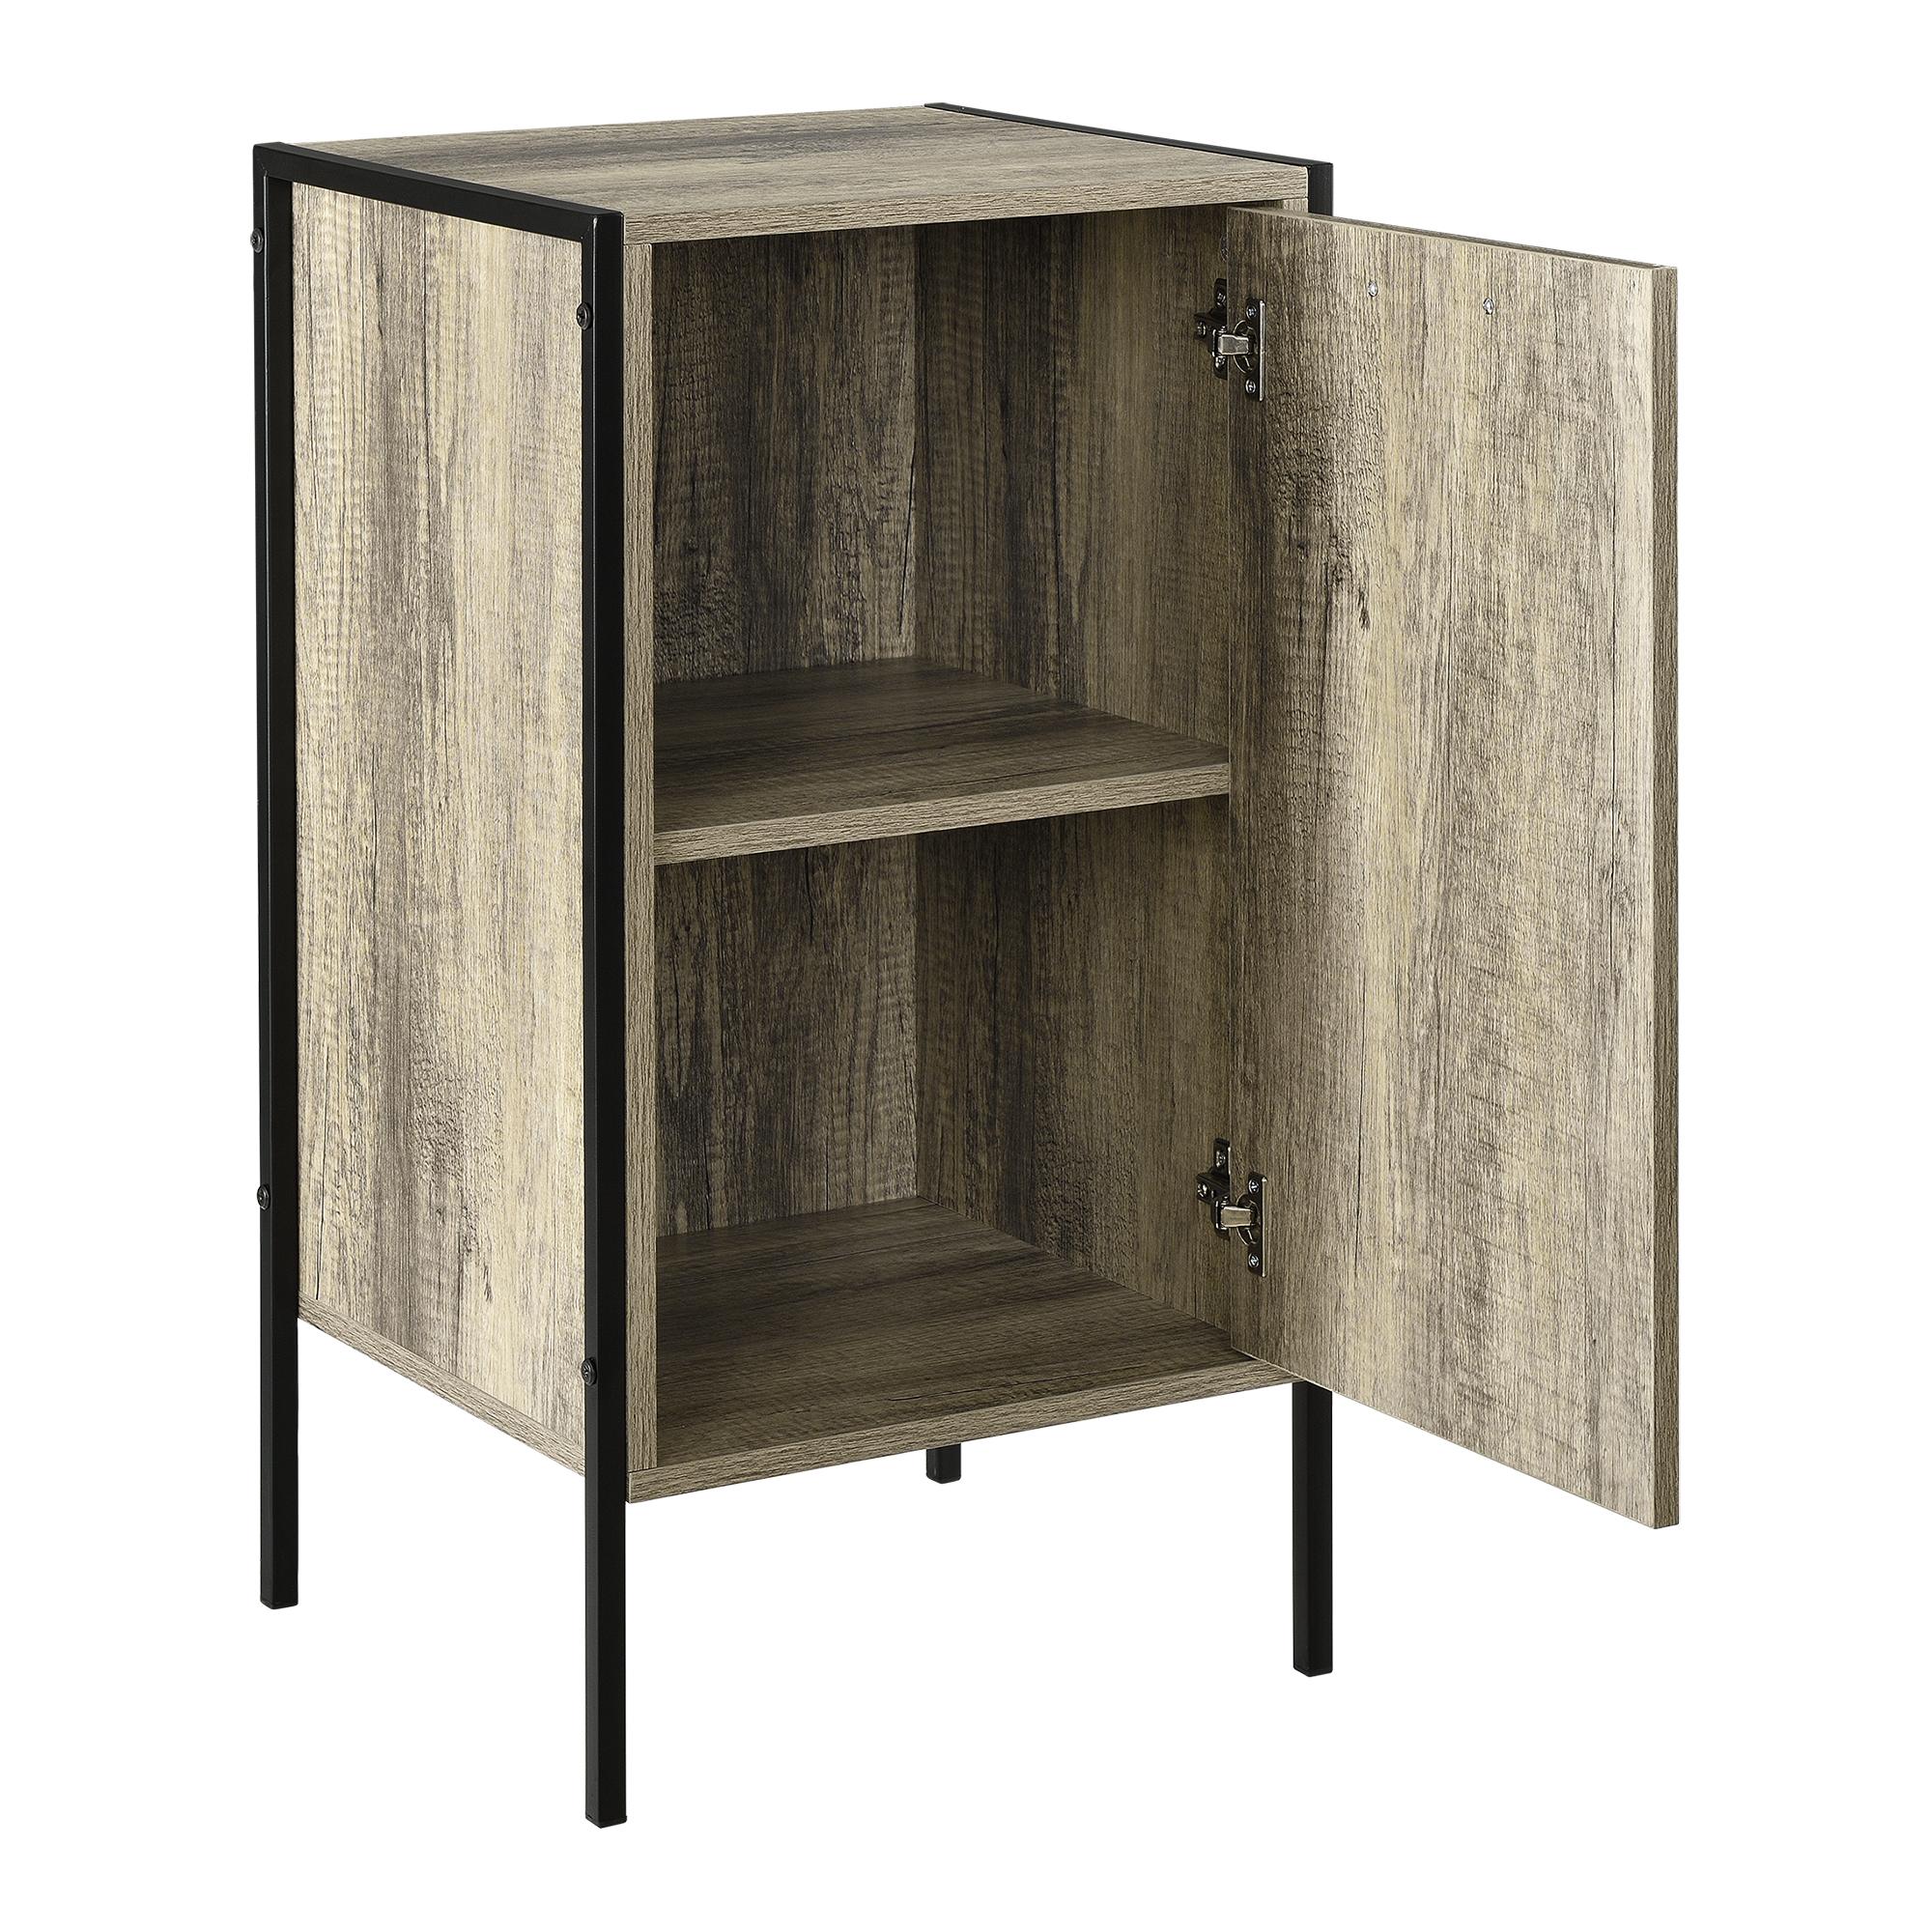 schrank regal konsole ablage konsolentisch anrichte holz eiche optik ebay. Black Bedroom Furniture Sets. Home Design Ideas